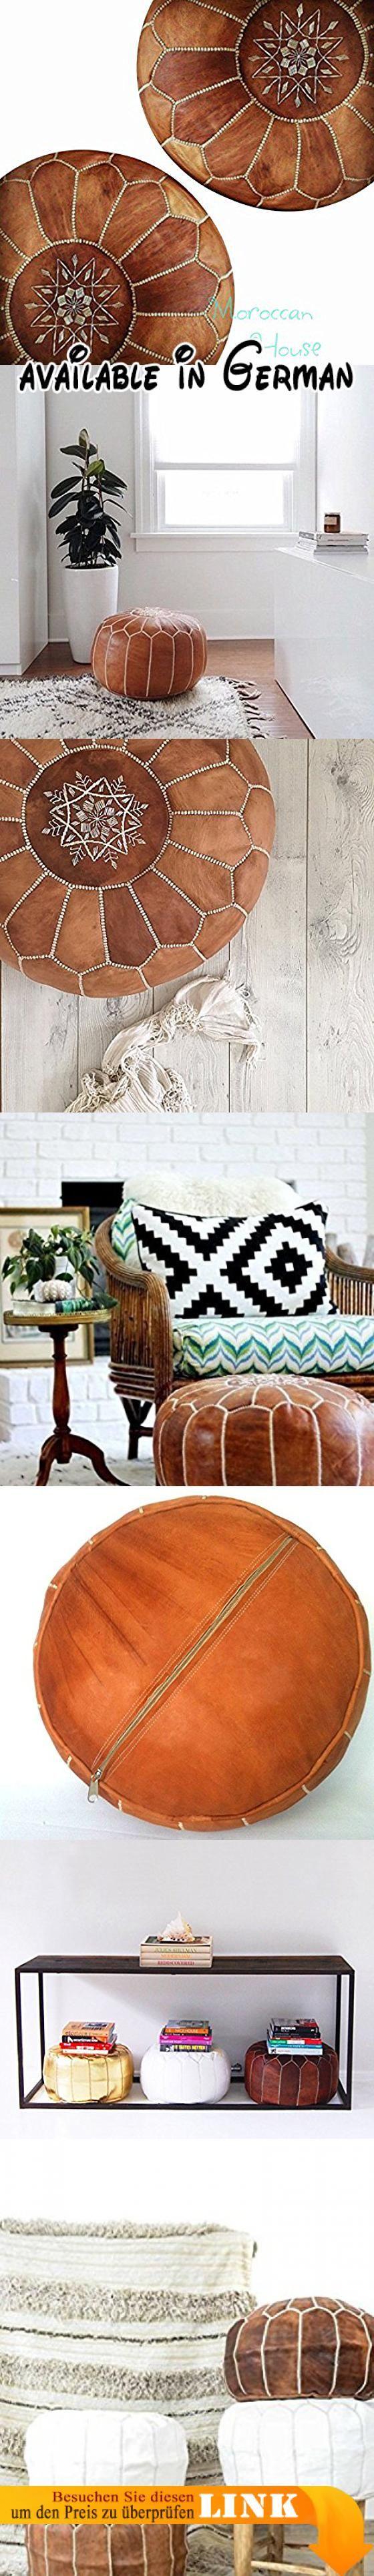 die besten 25+ marokkanische wohnzimmer ideen auf pinterest ... - Moderne Marokkanische Wohnzimmer